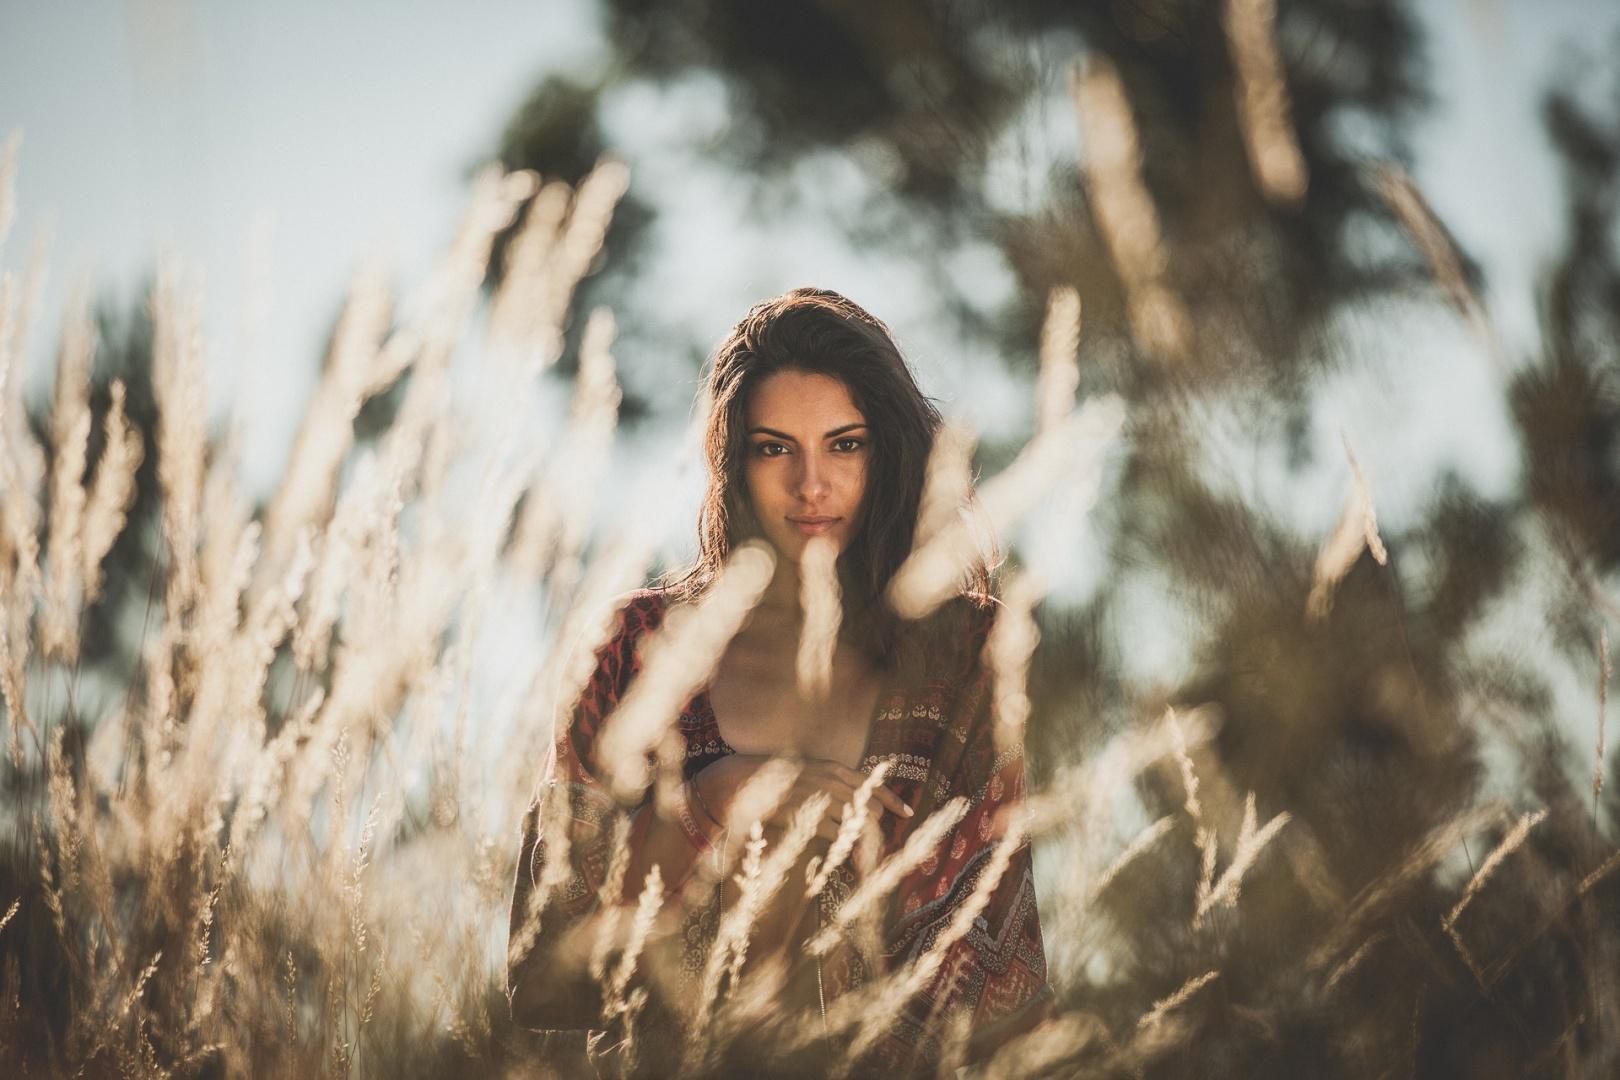 Retratos/solitary daze